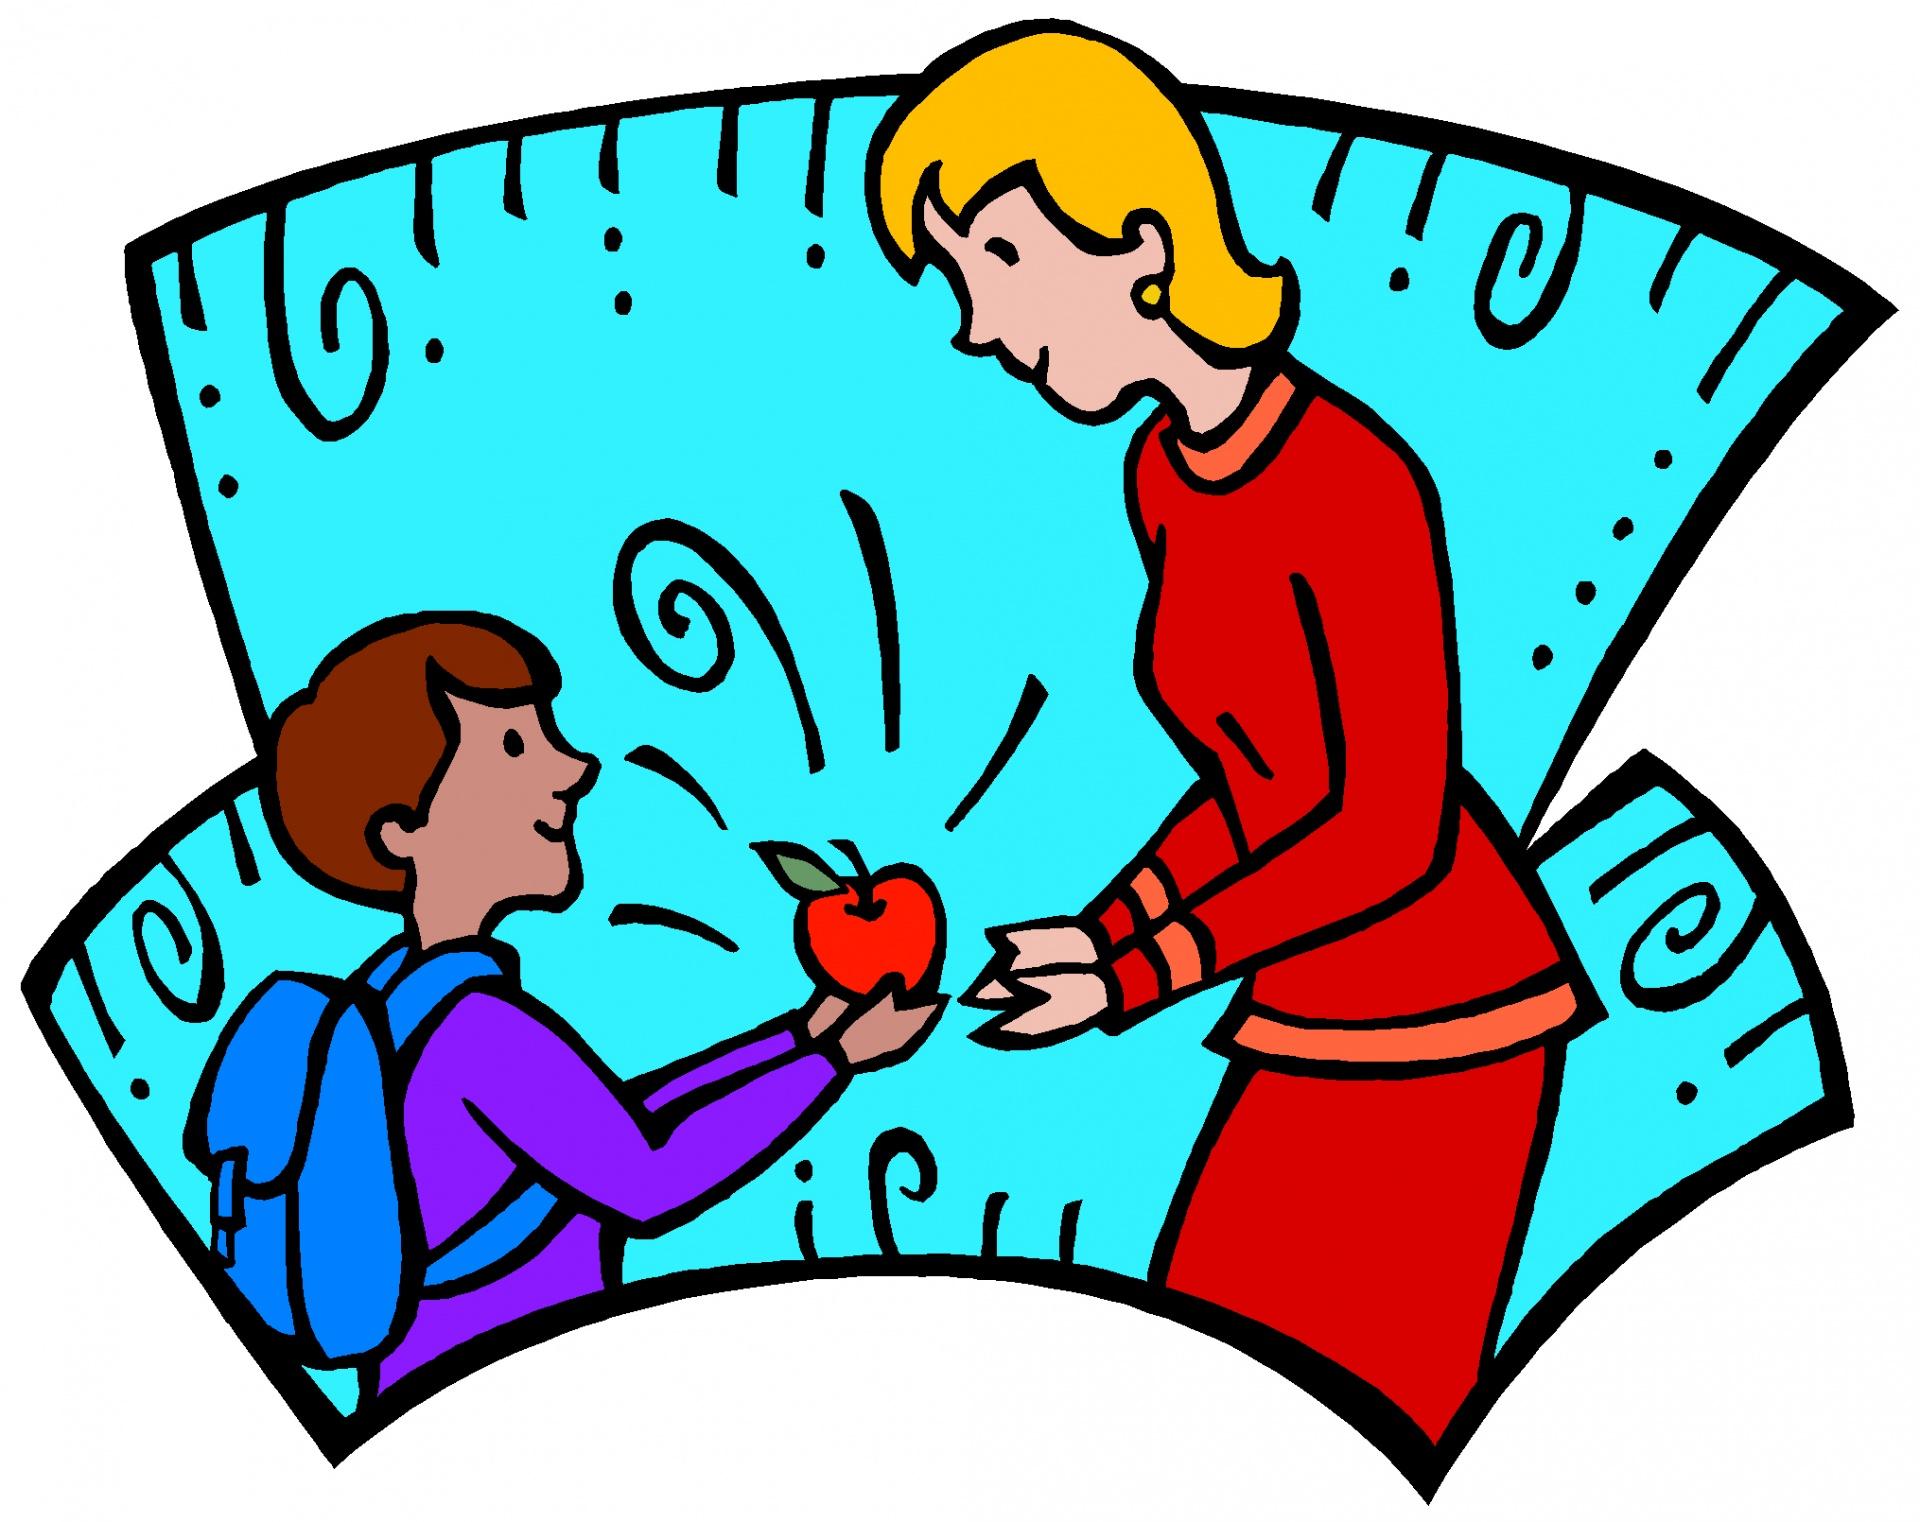 1920x1522 School Cartoon Images